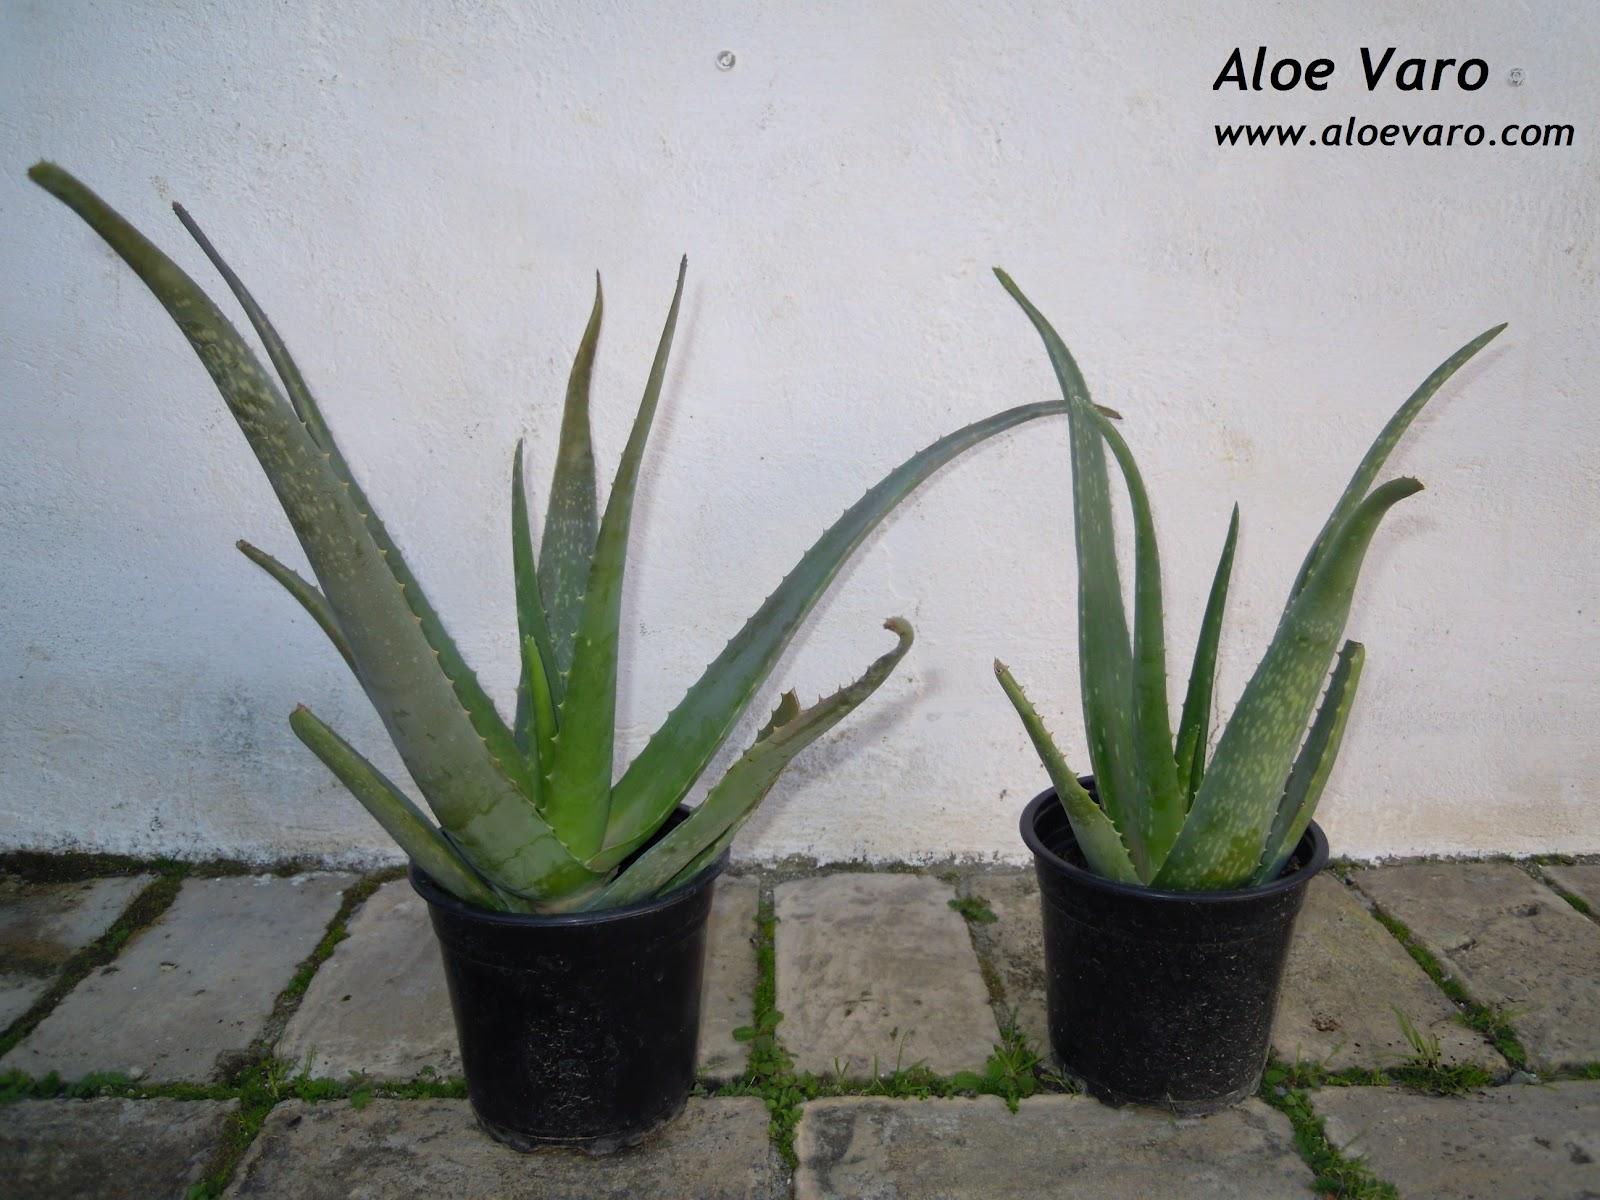 Aloe varo venta de macetas de aloe vera - Como es la planta de aloe vera ...